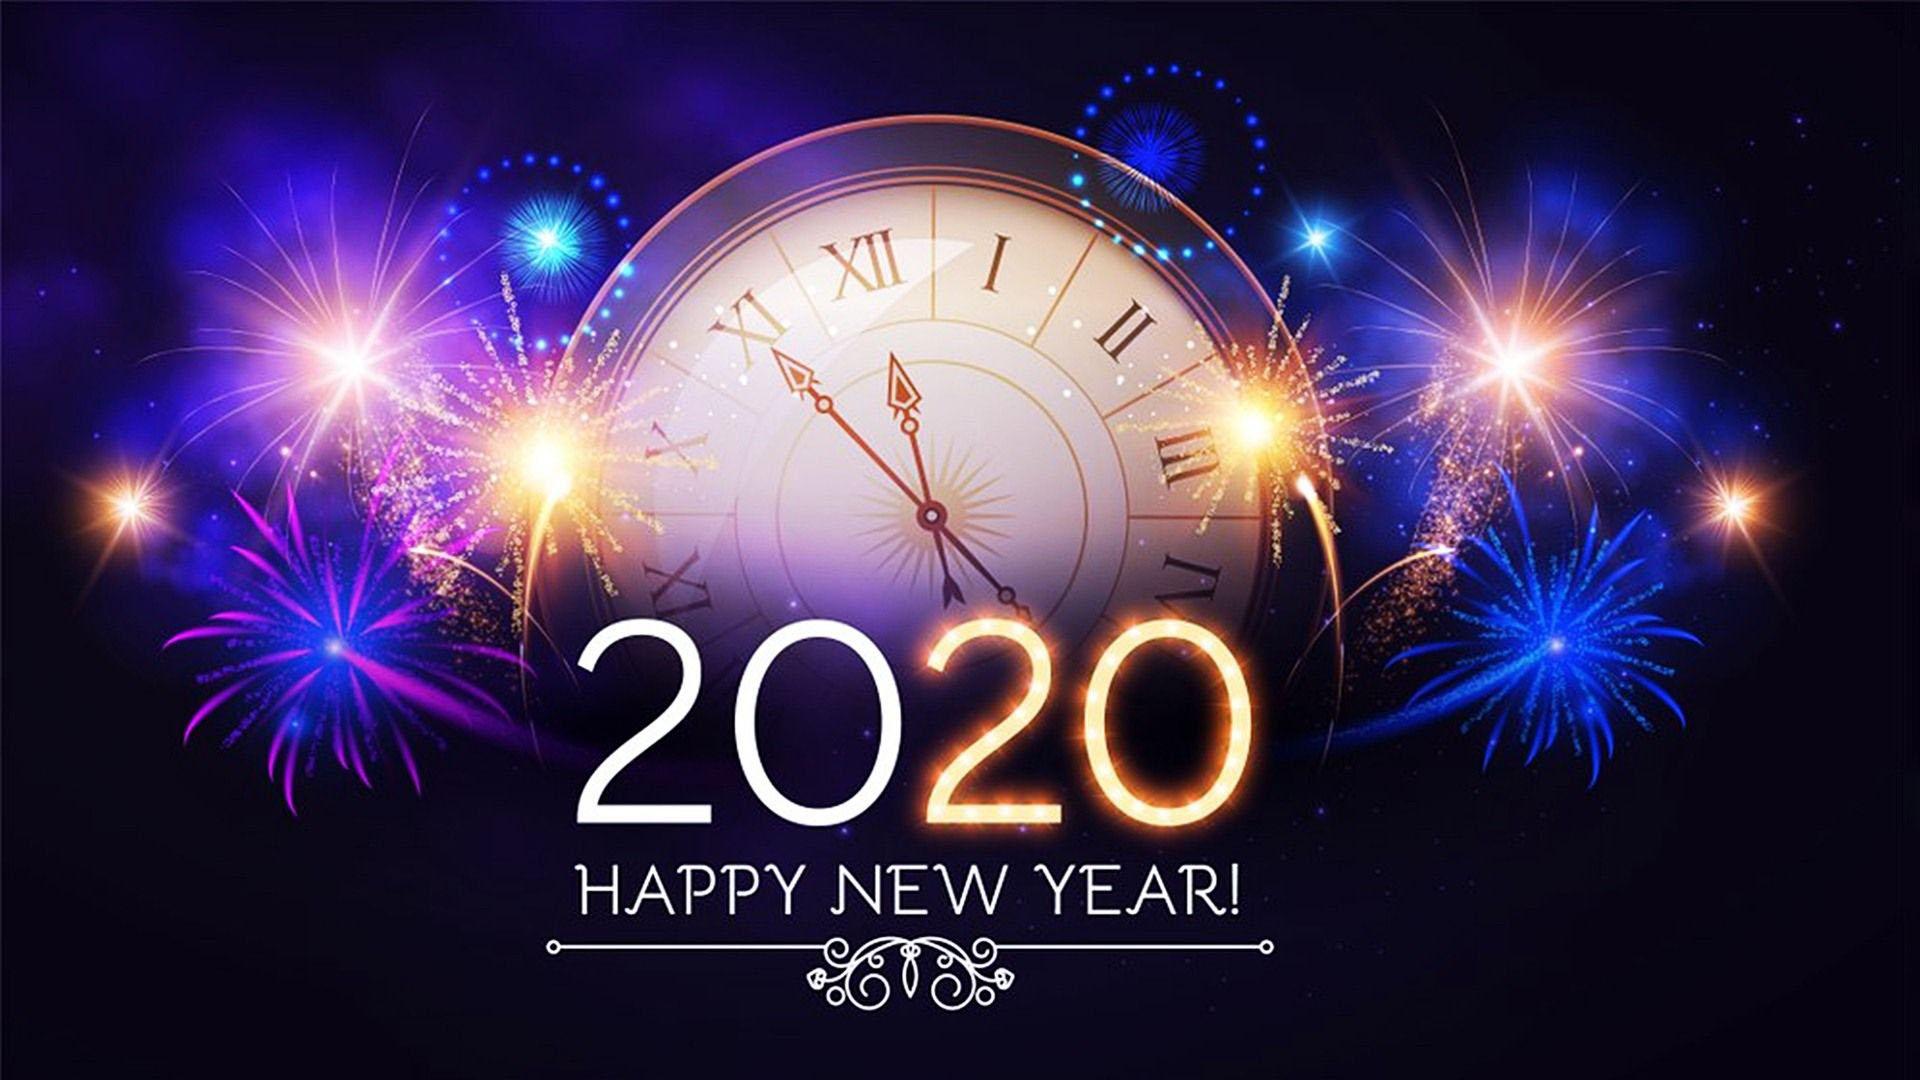 Hình nền chúc mừng năm mới 2020 full hd